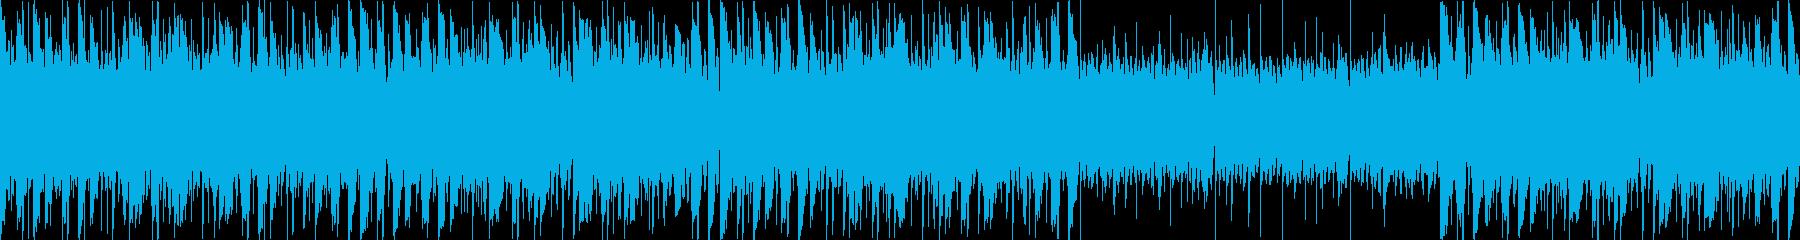 エレピを基調とした雰囲気のあるバラードの再生済みの波形